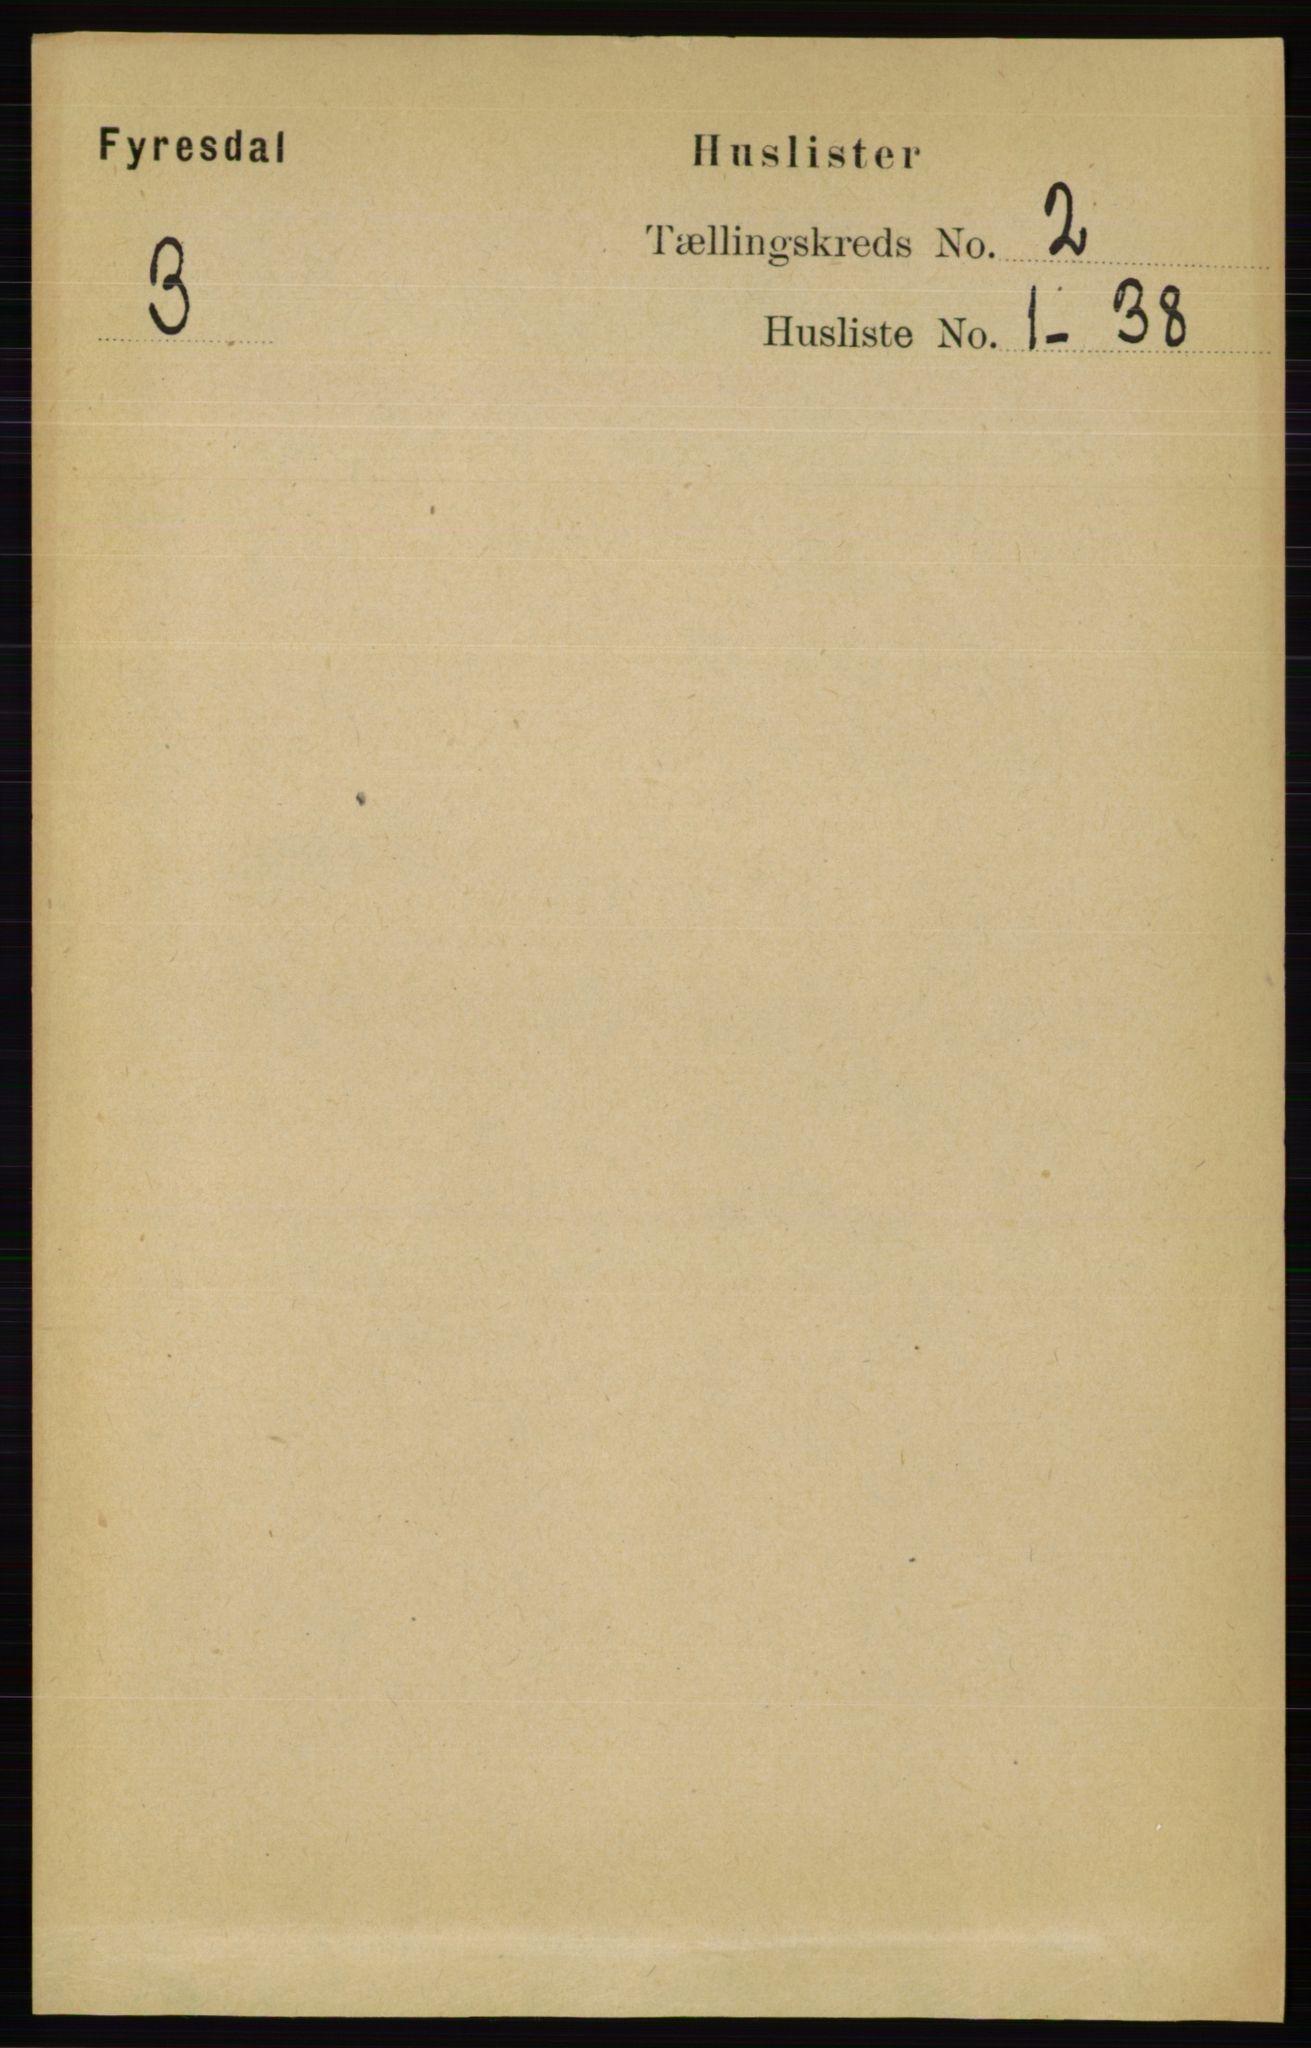 RA, Folketelling 1891 for 0831 Fyresdal herred, 1891, s. 255